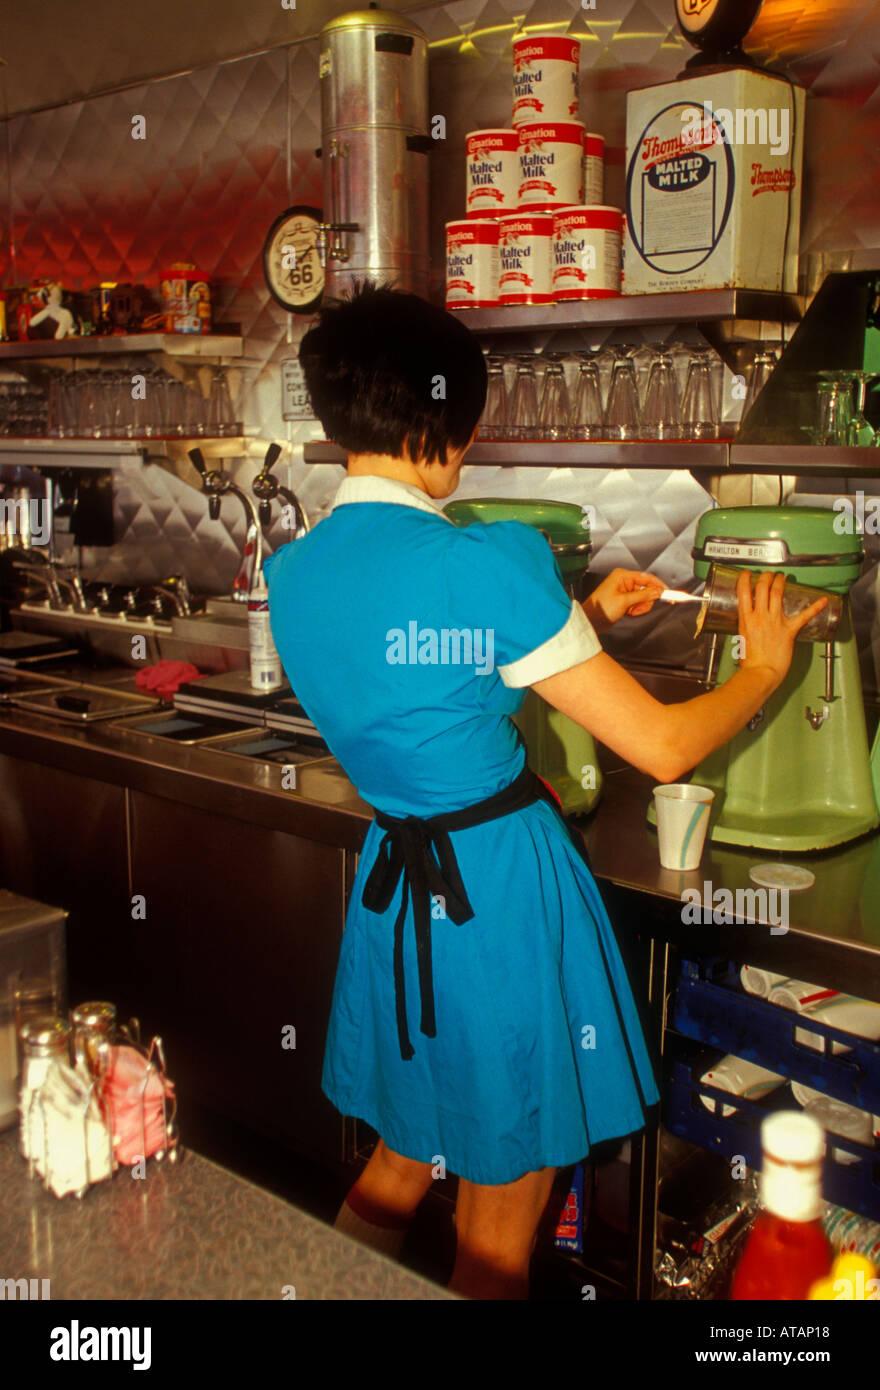 New mexico bernalillo county - Stock Photo Waitress Milkshake Route 66 Diner Albuquerque Bernalillo County New Mexico United States North America